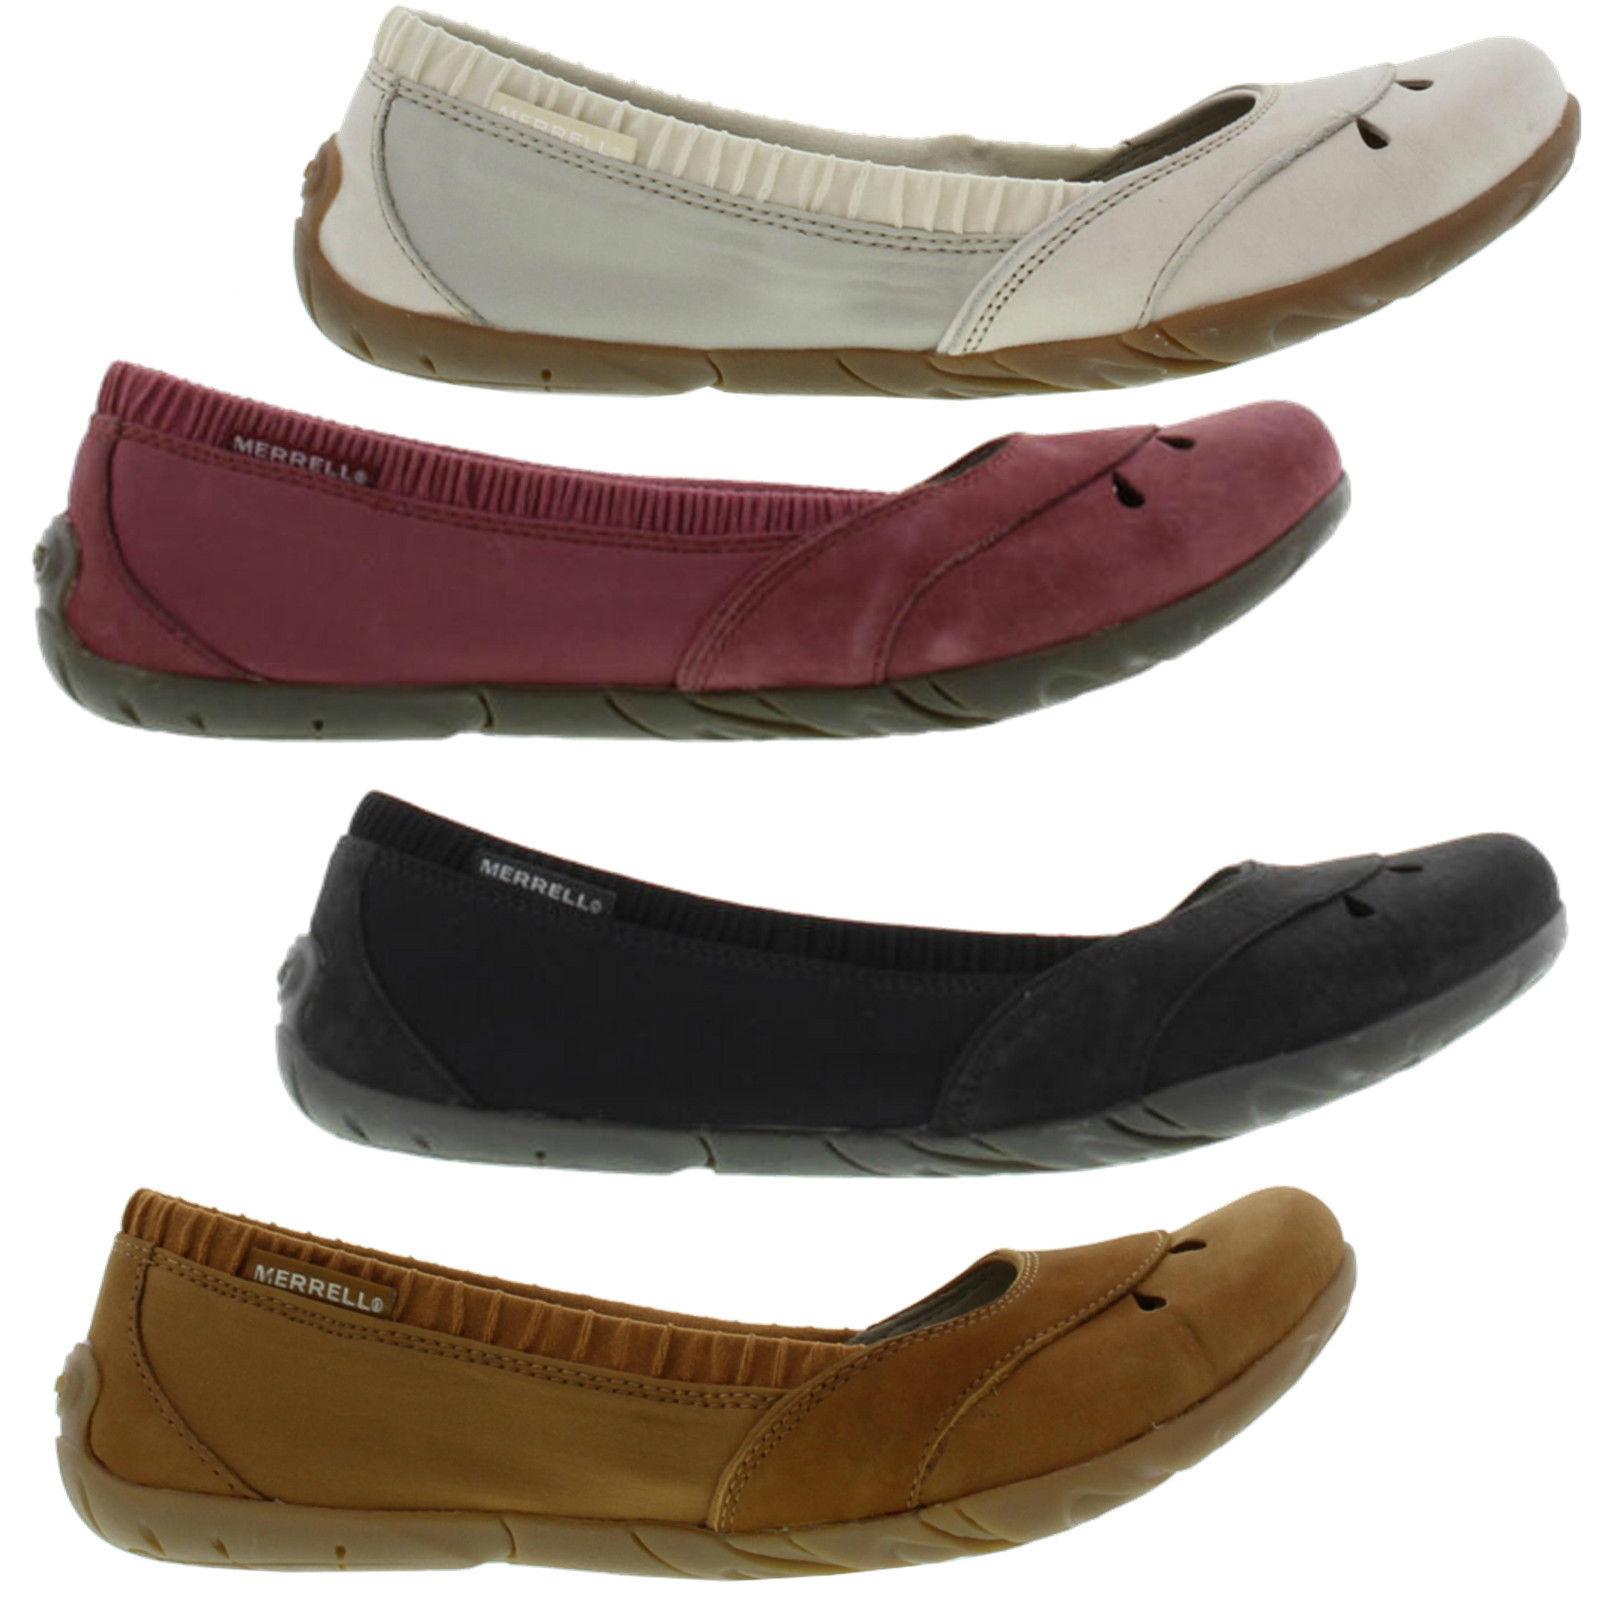 Merrell Whirl Glove Slip On Shoes